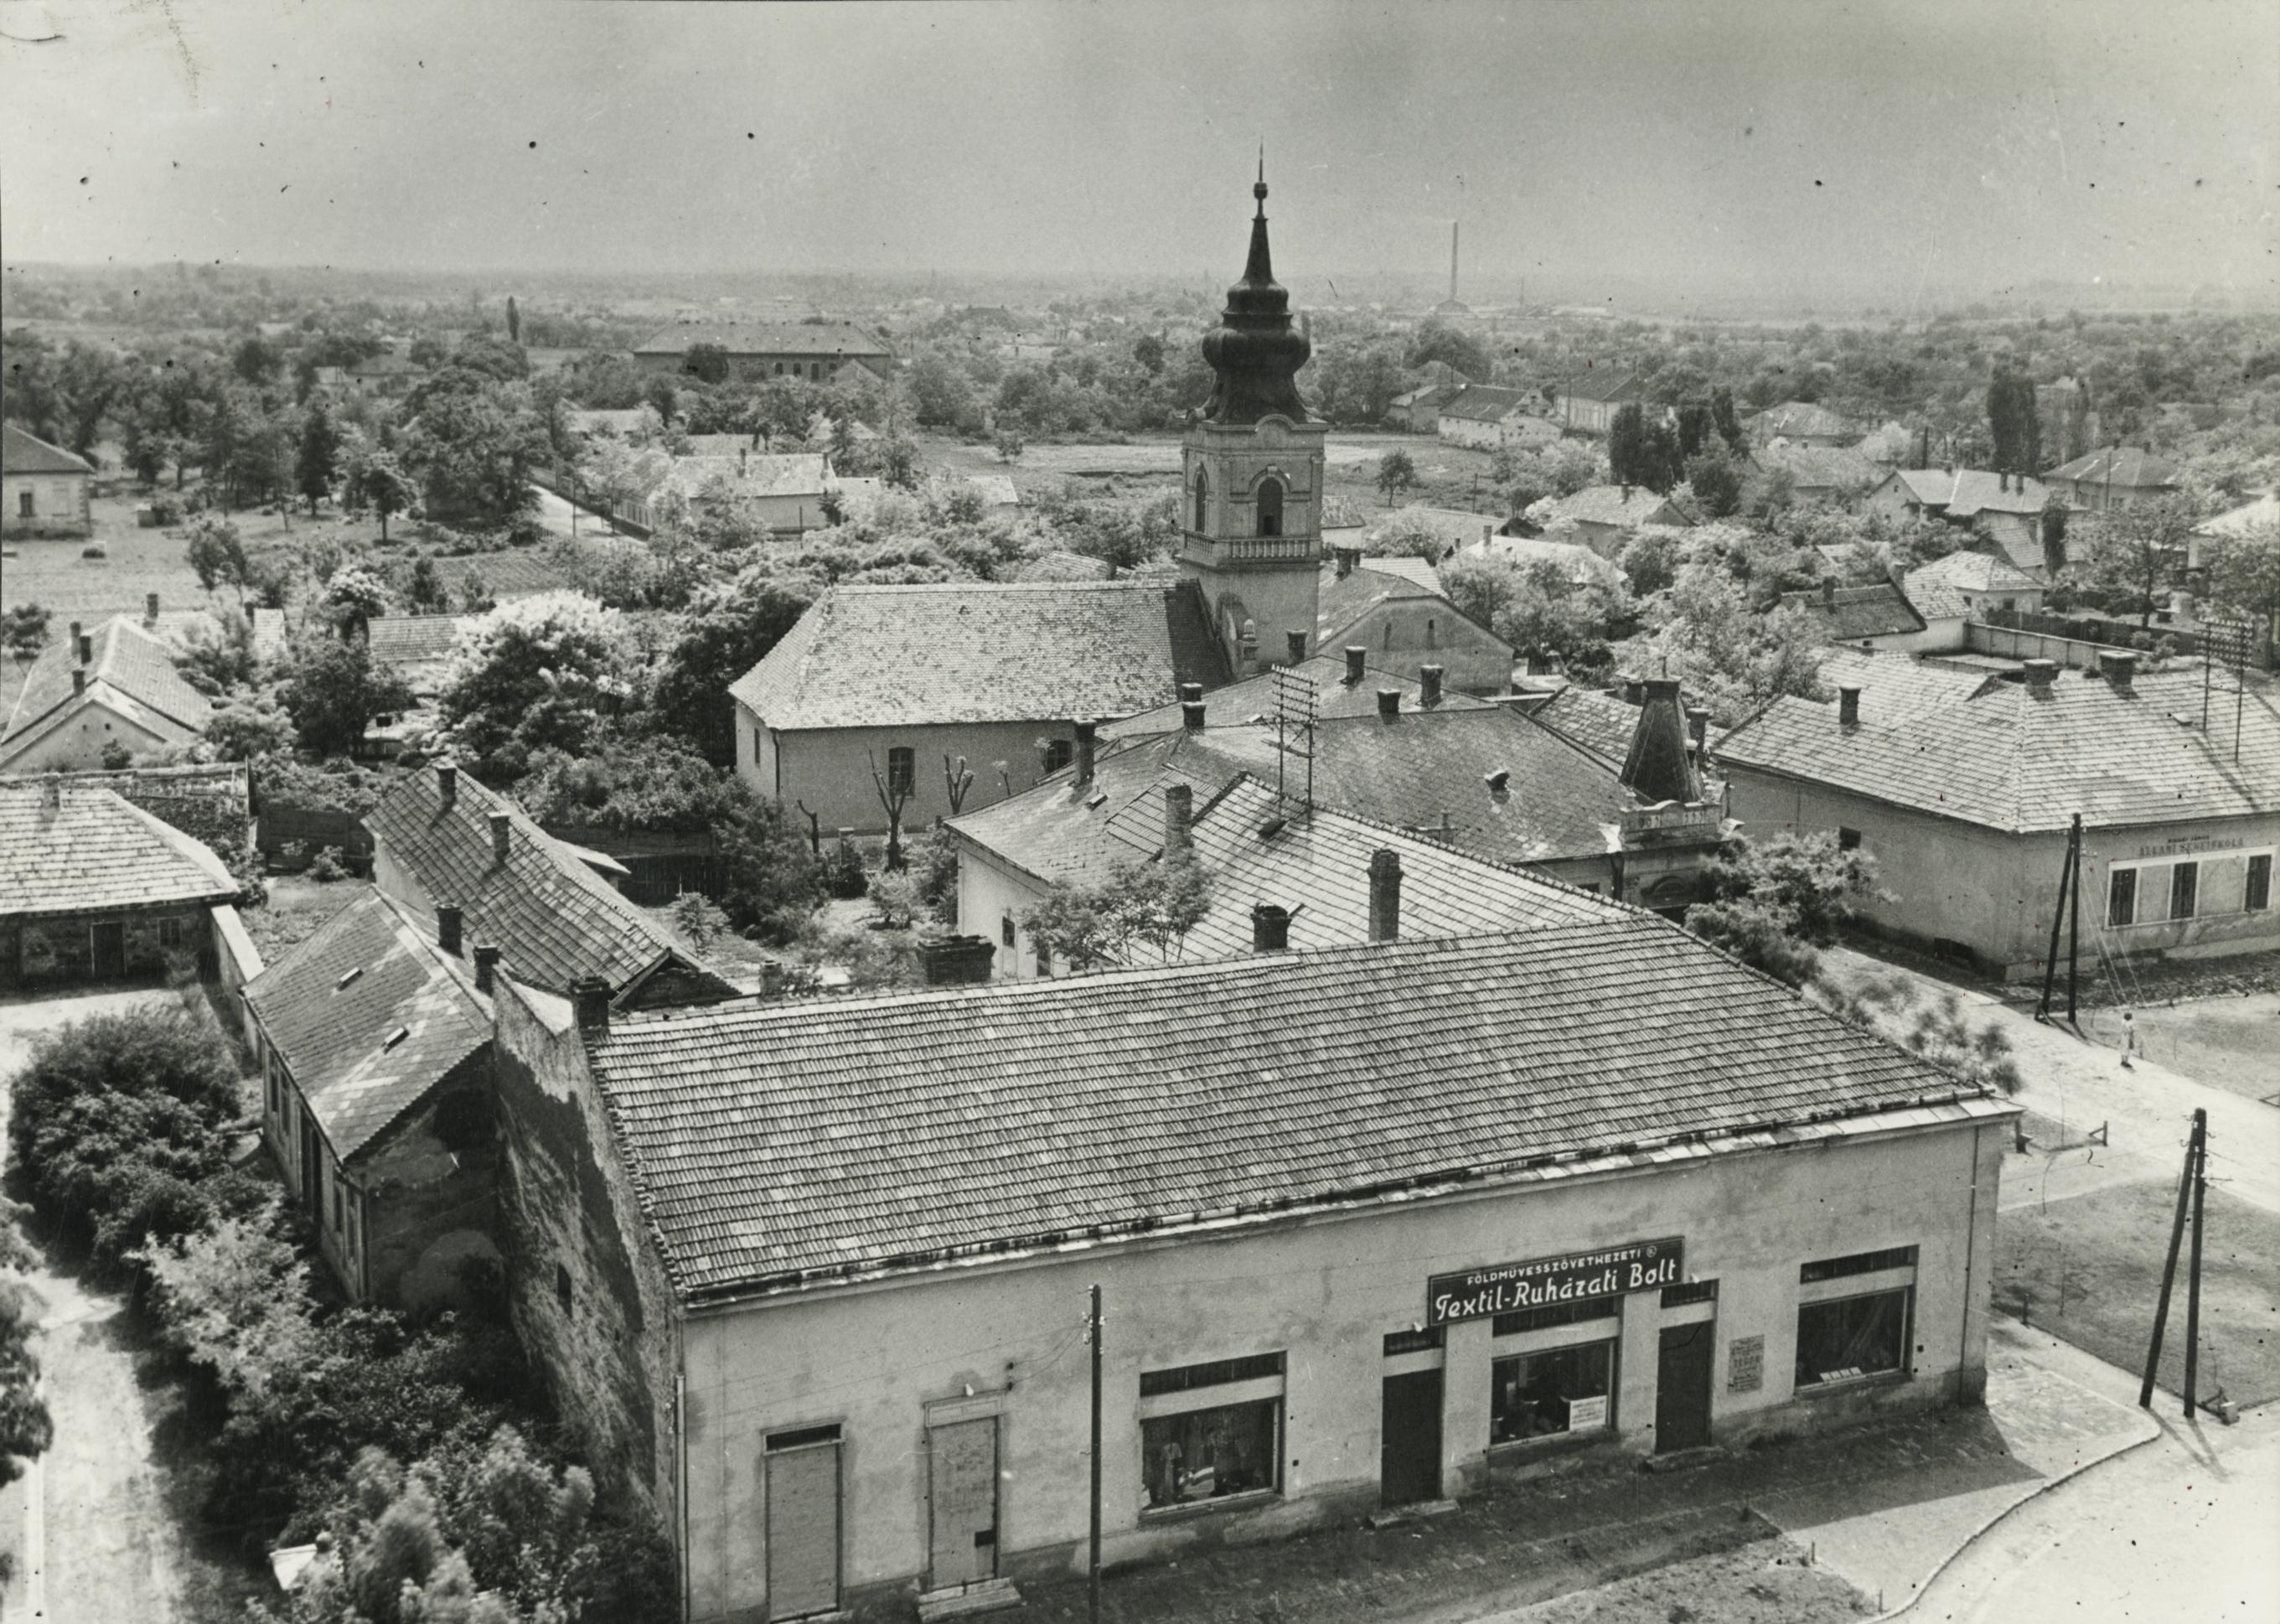 Rálátás az abonyi Református templomra